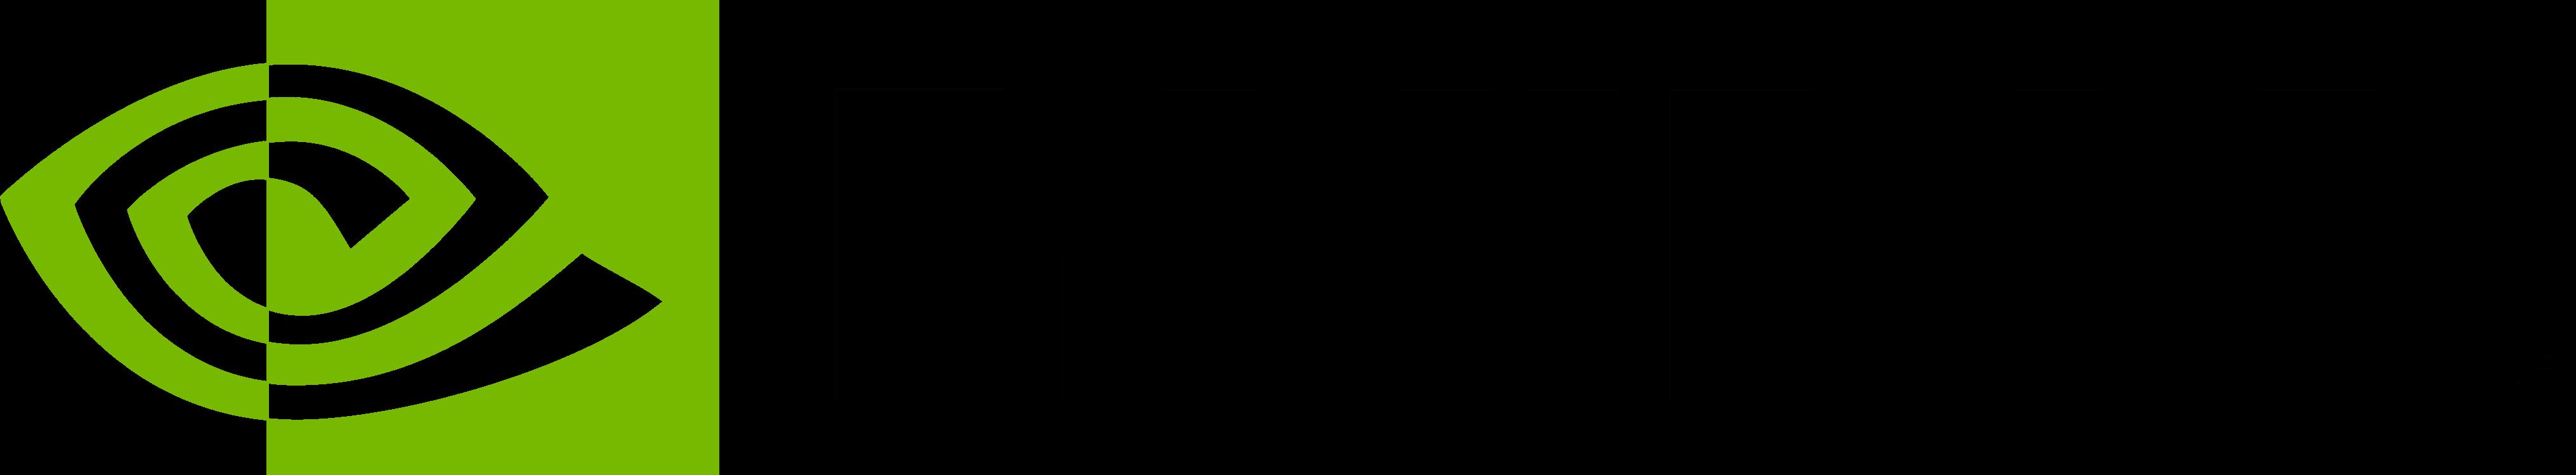 Logo-Nvidia-2019.png